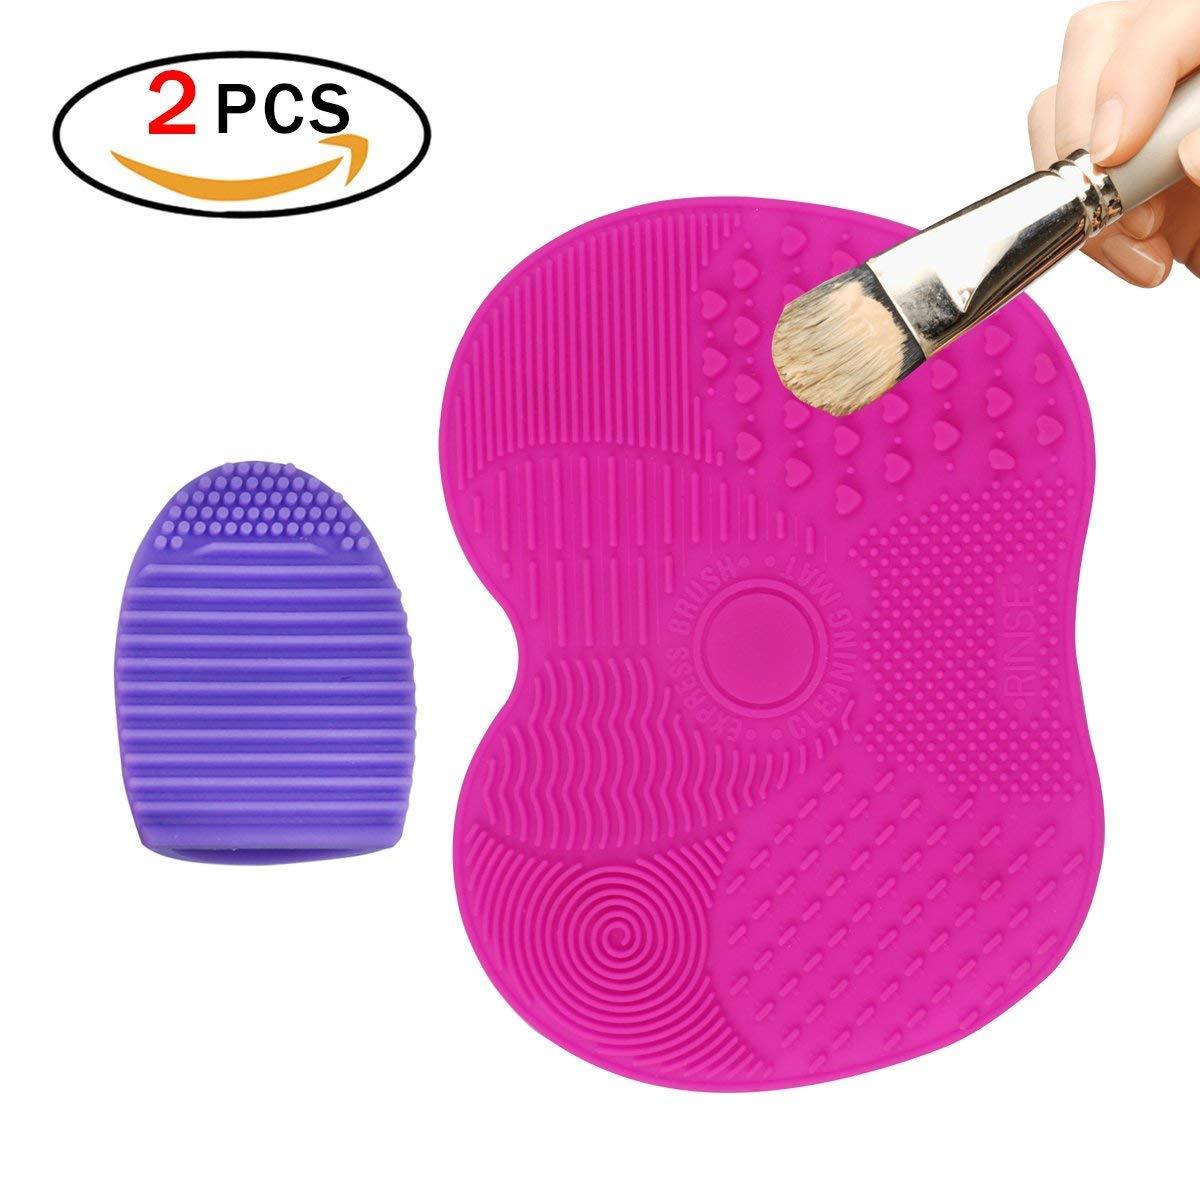 JER 2 Pack Brosse Nettoyante Pinceau en Silicone Brushegg, Outil Tapis de Nettoyage pour Pinceaux de Maquillage Nettoyeur pour Pinceaux